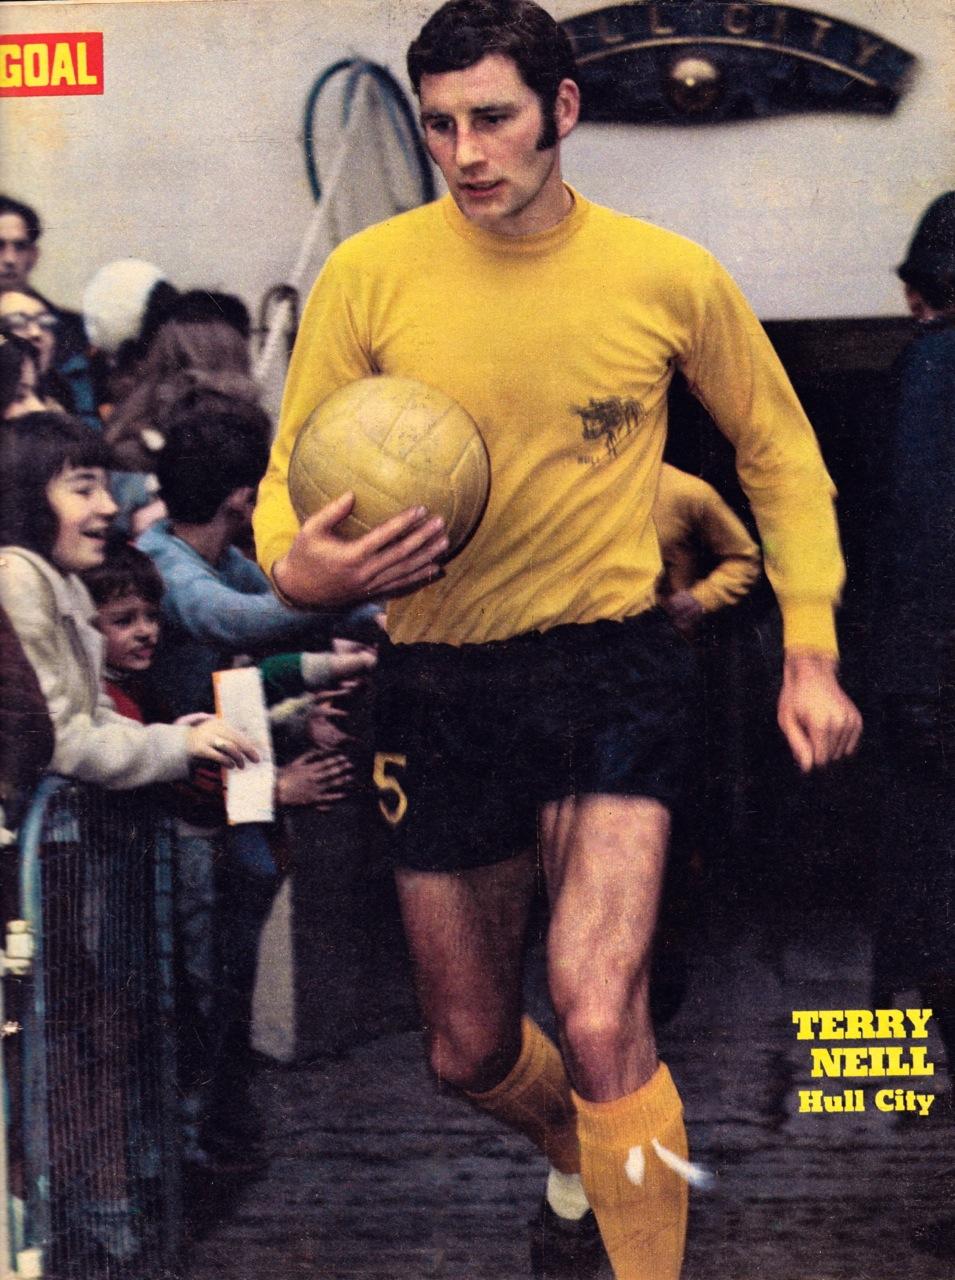 Terry Neill, Hull City 1971